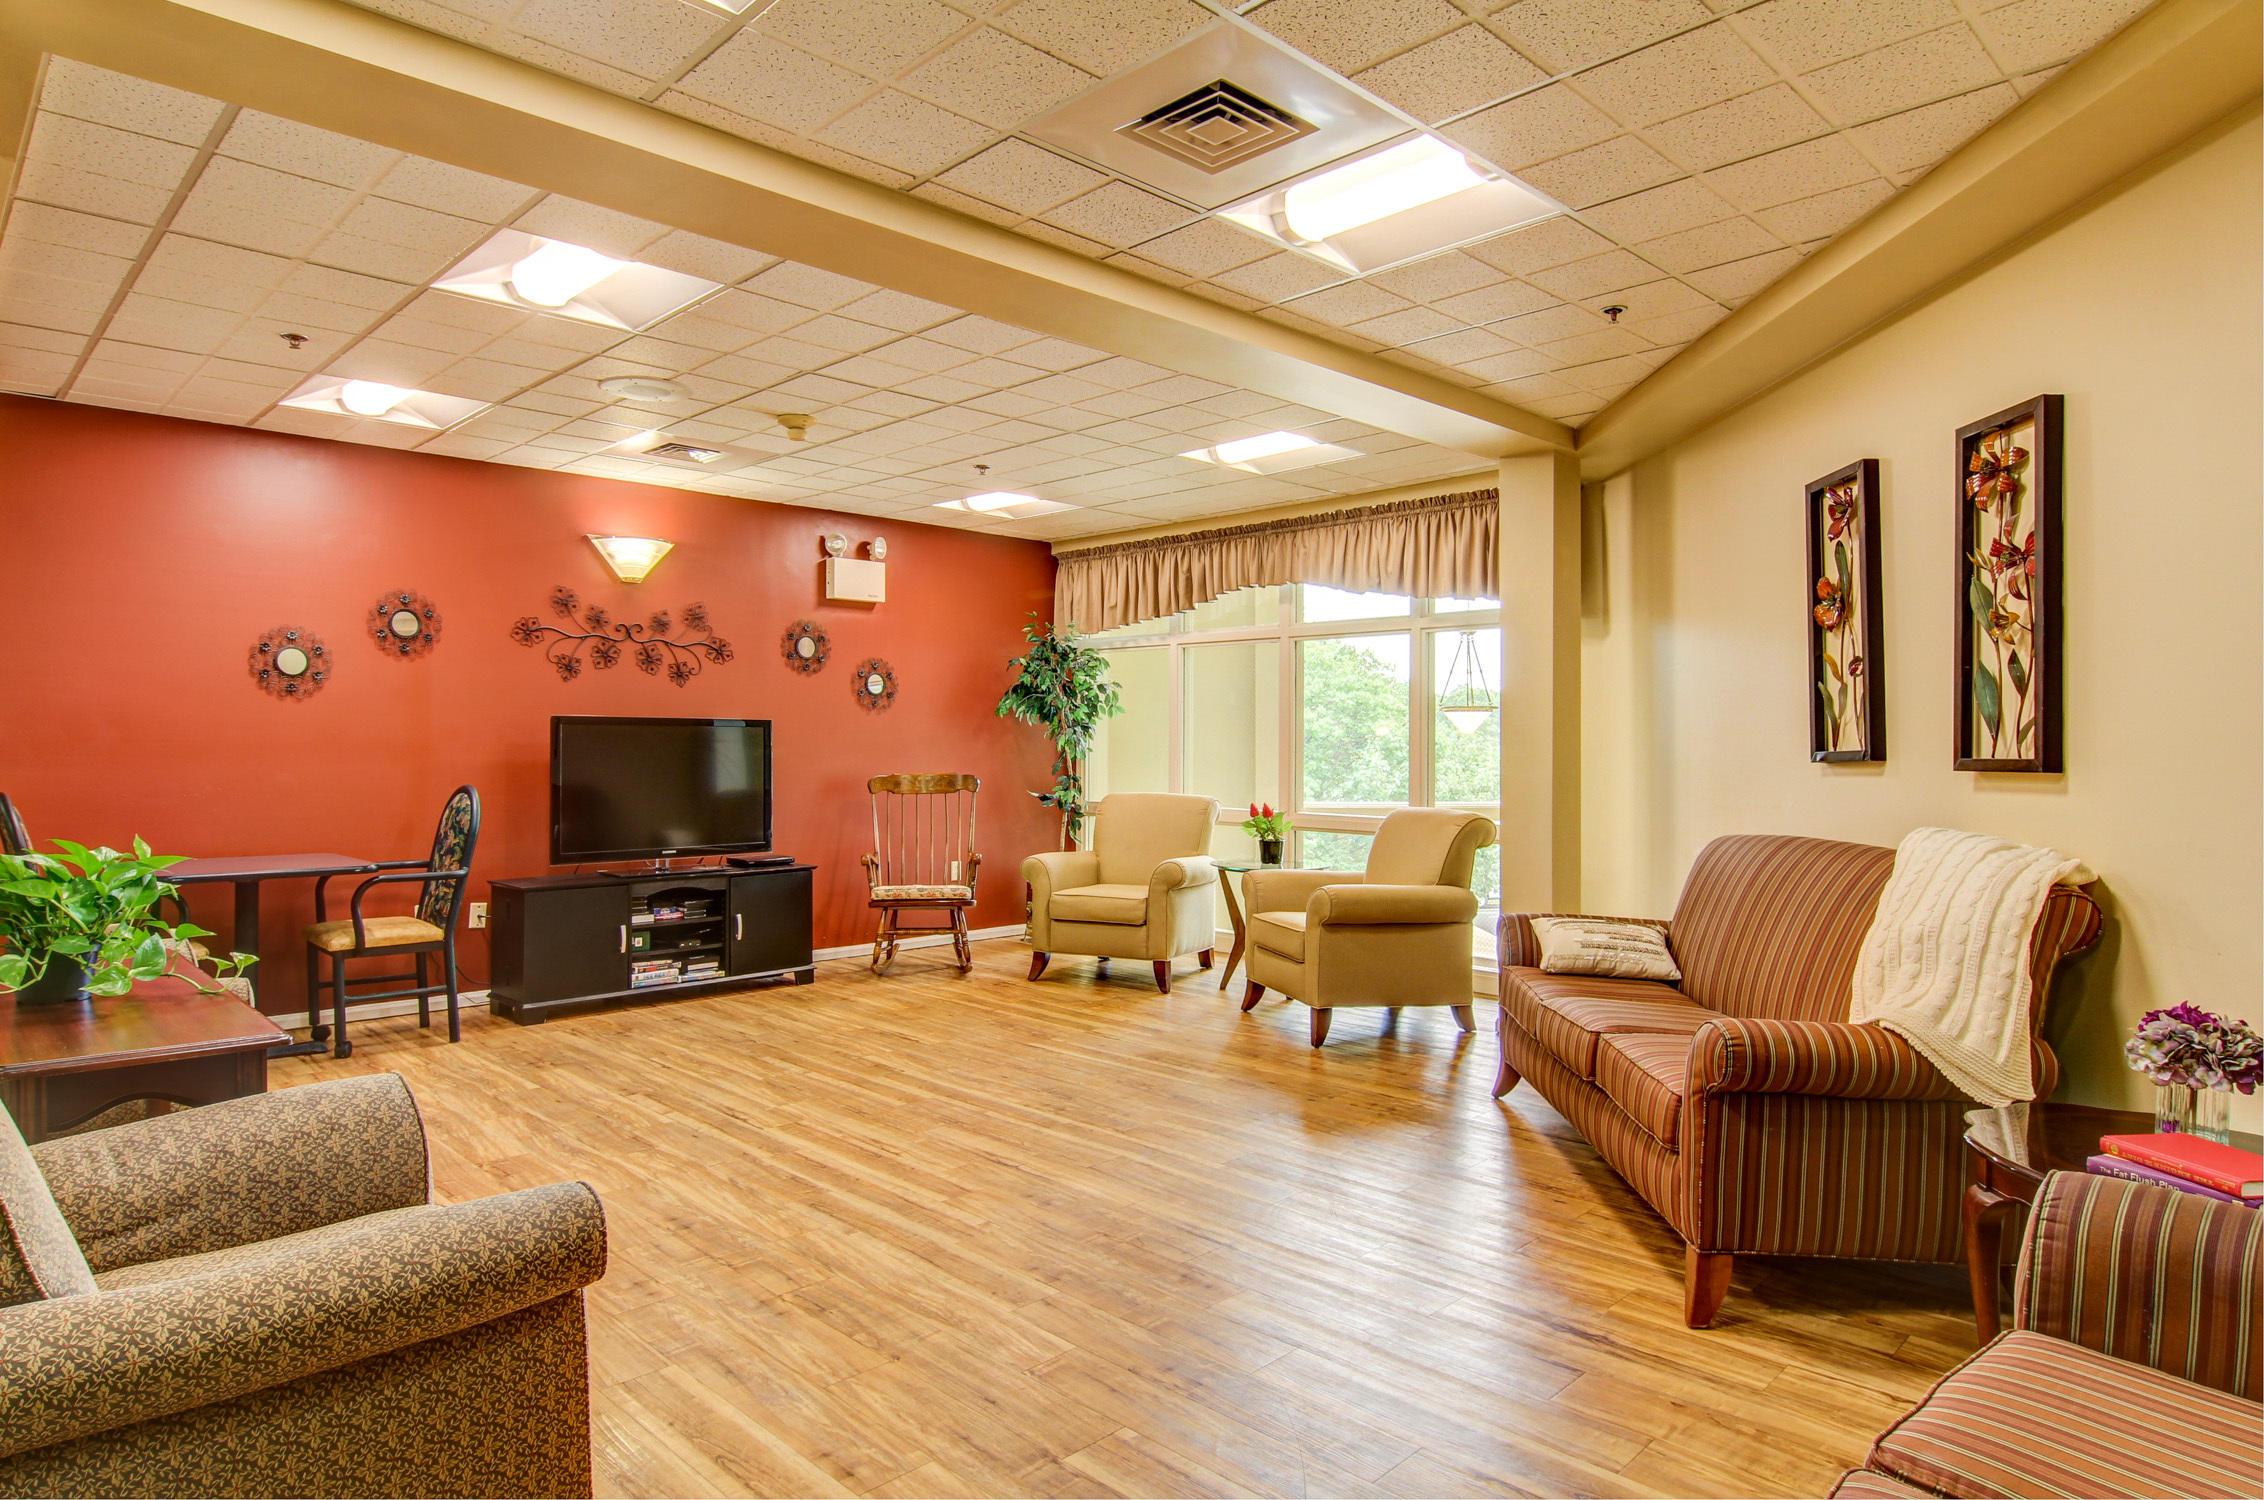 Richmond Terrace Retirement Center